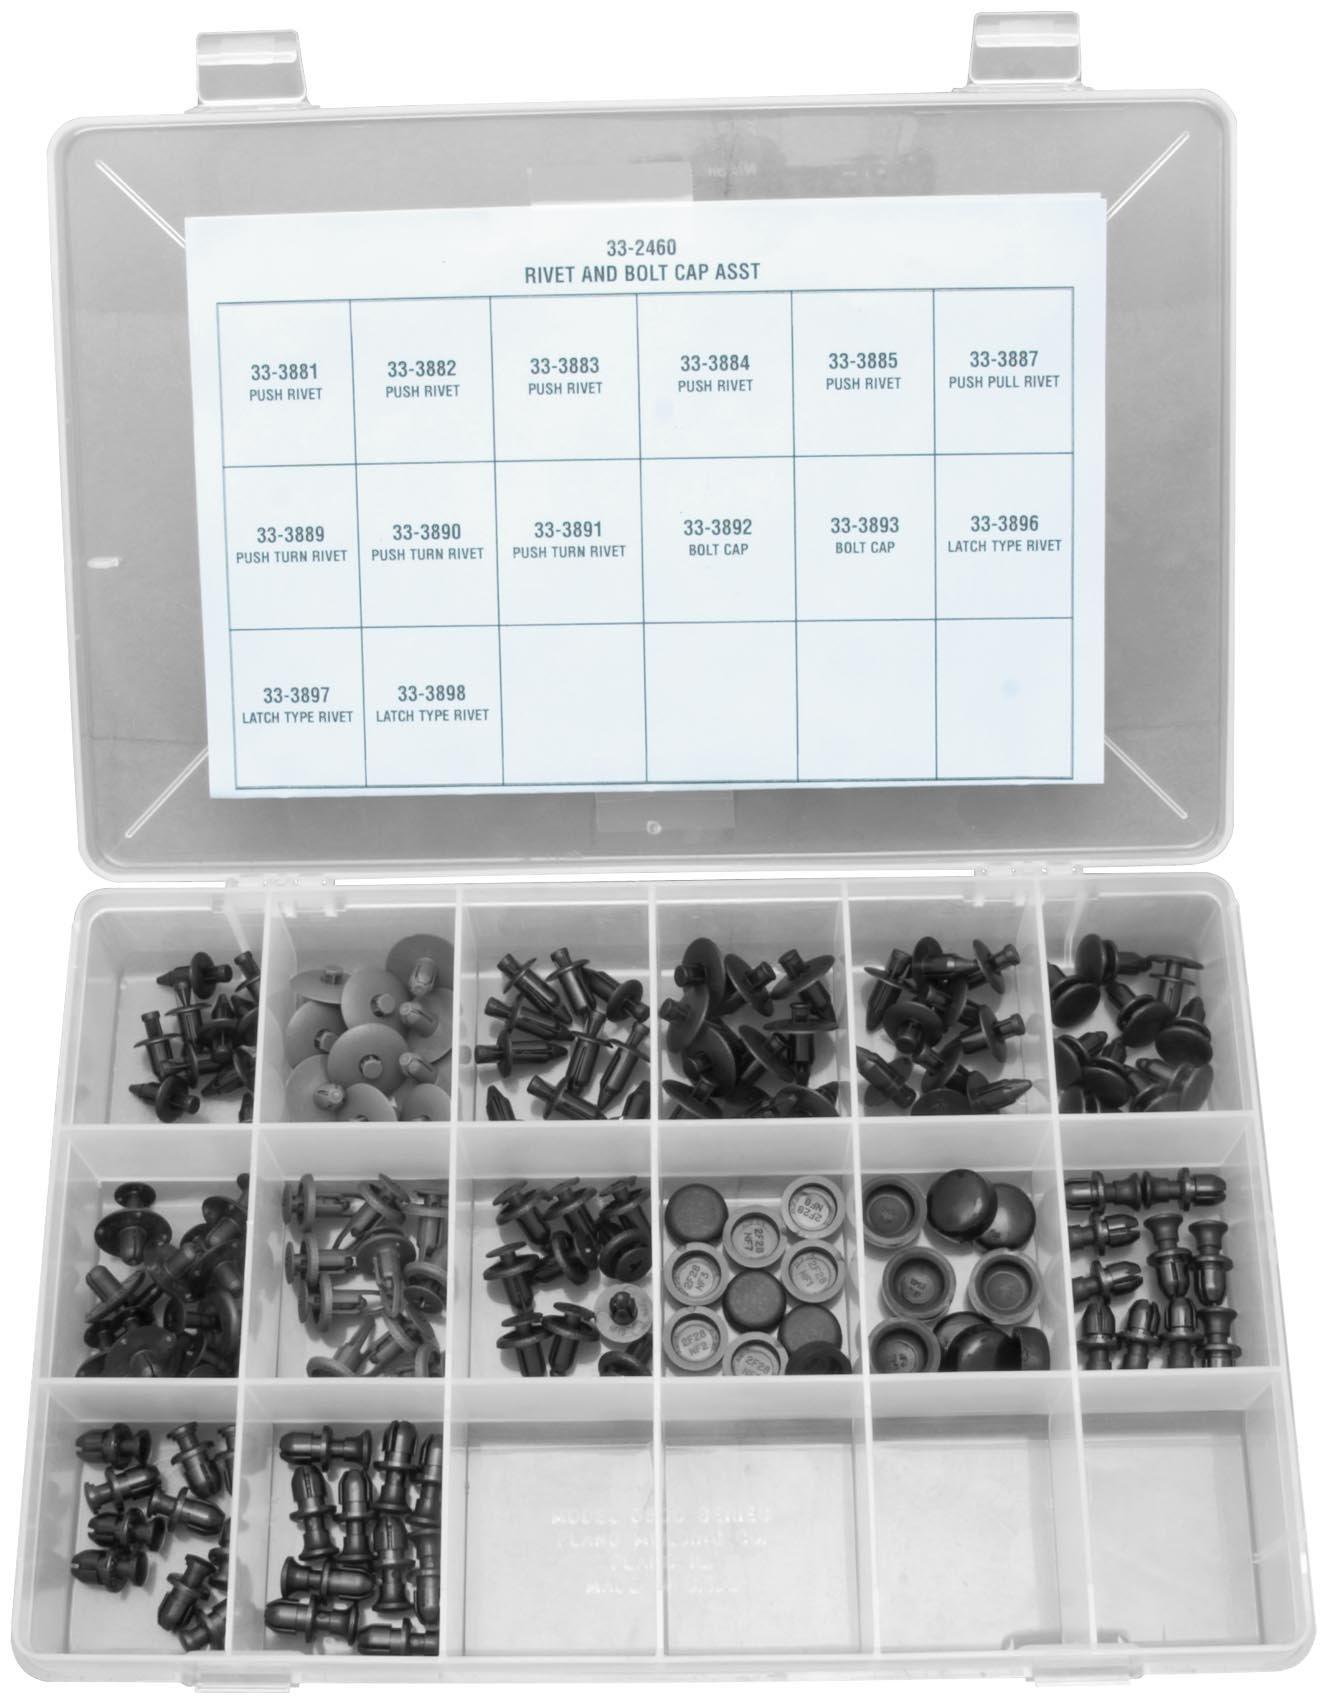 K&L Supply Rivet & Bolt Cap Assortment Kit 33-2460